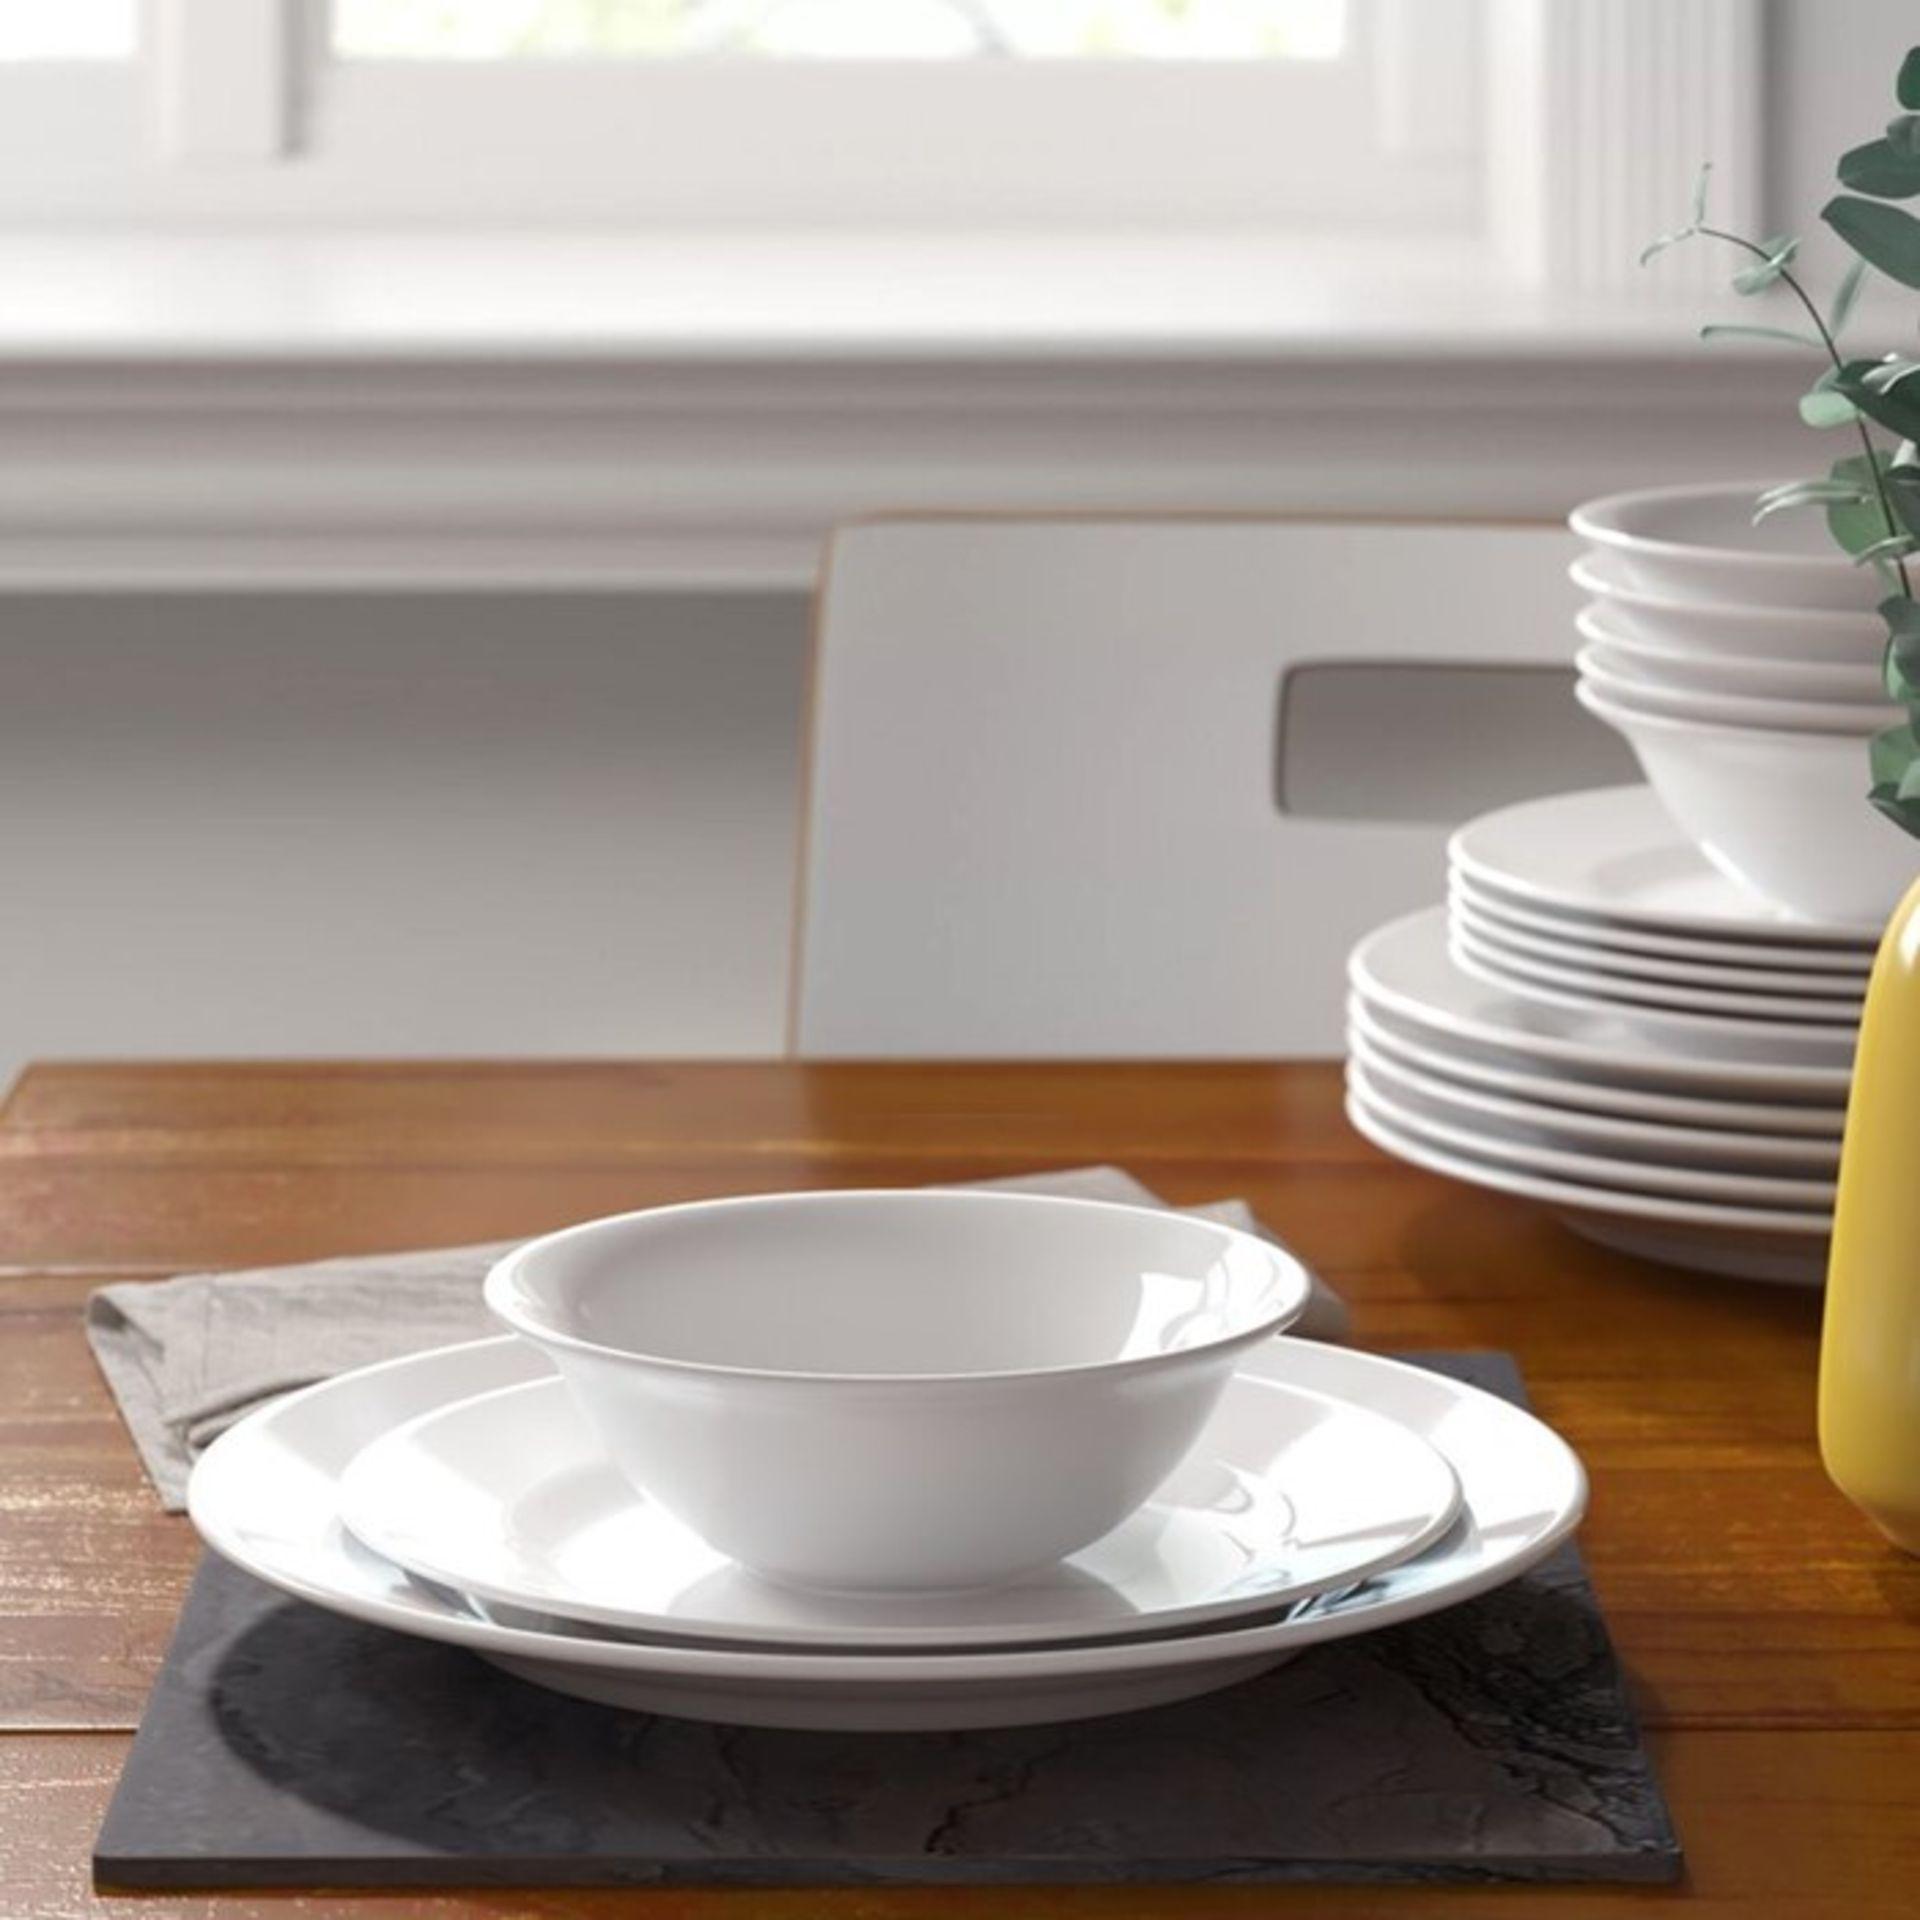 Zipcode Design, Duane 18 Piece Melamine Dinnerware Set, Service for 6 - RRP£24.99 (HJE10018 -